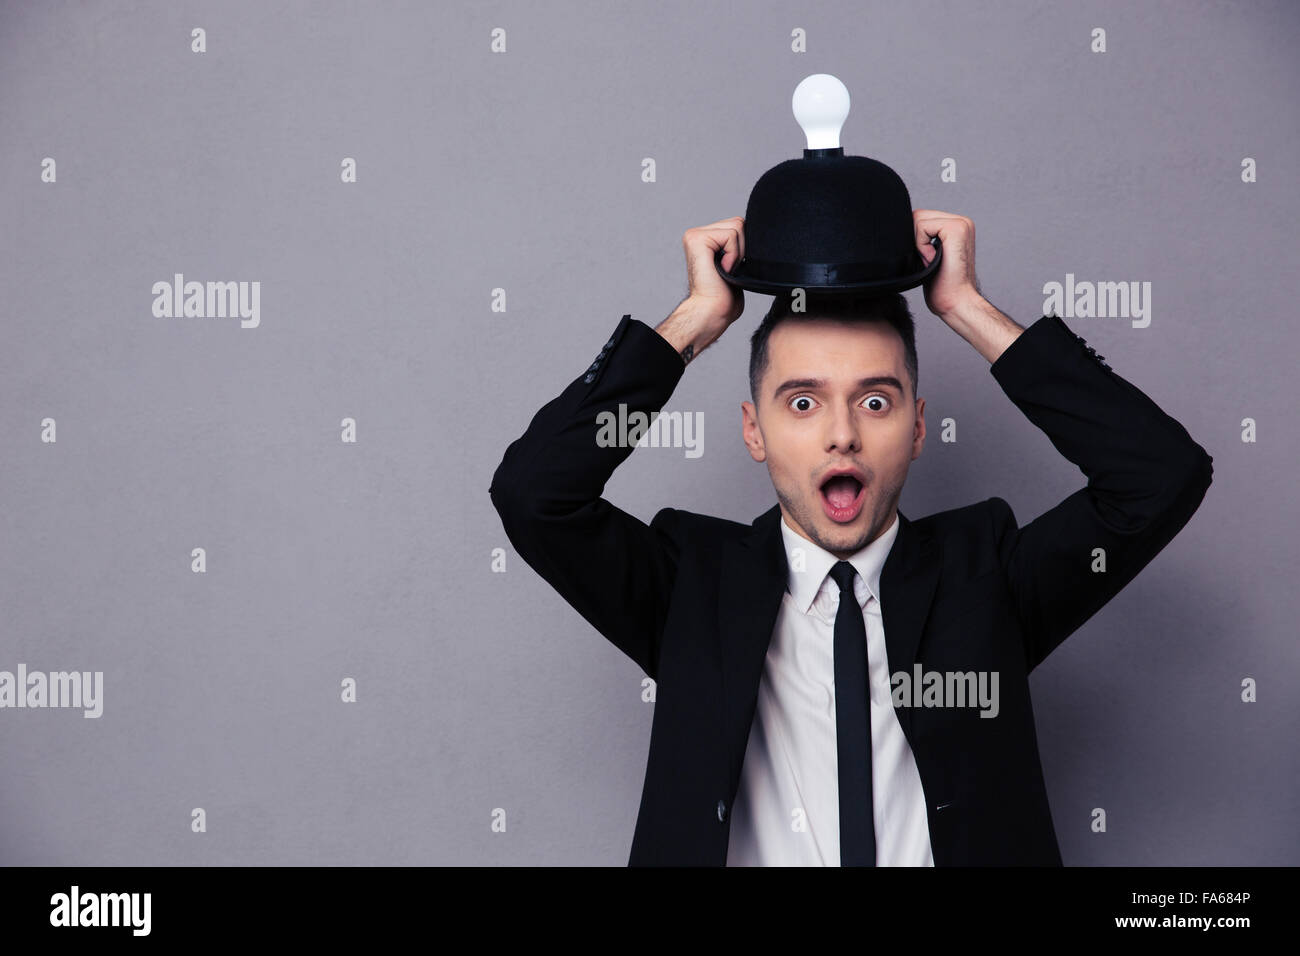 Concepto foto de un empresario tener una idea sobre fondo gris Imagen De Stock